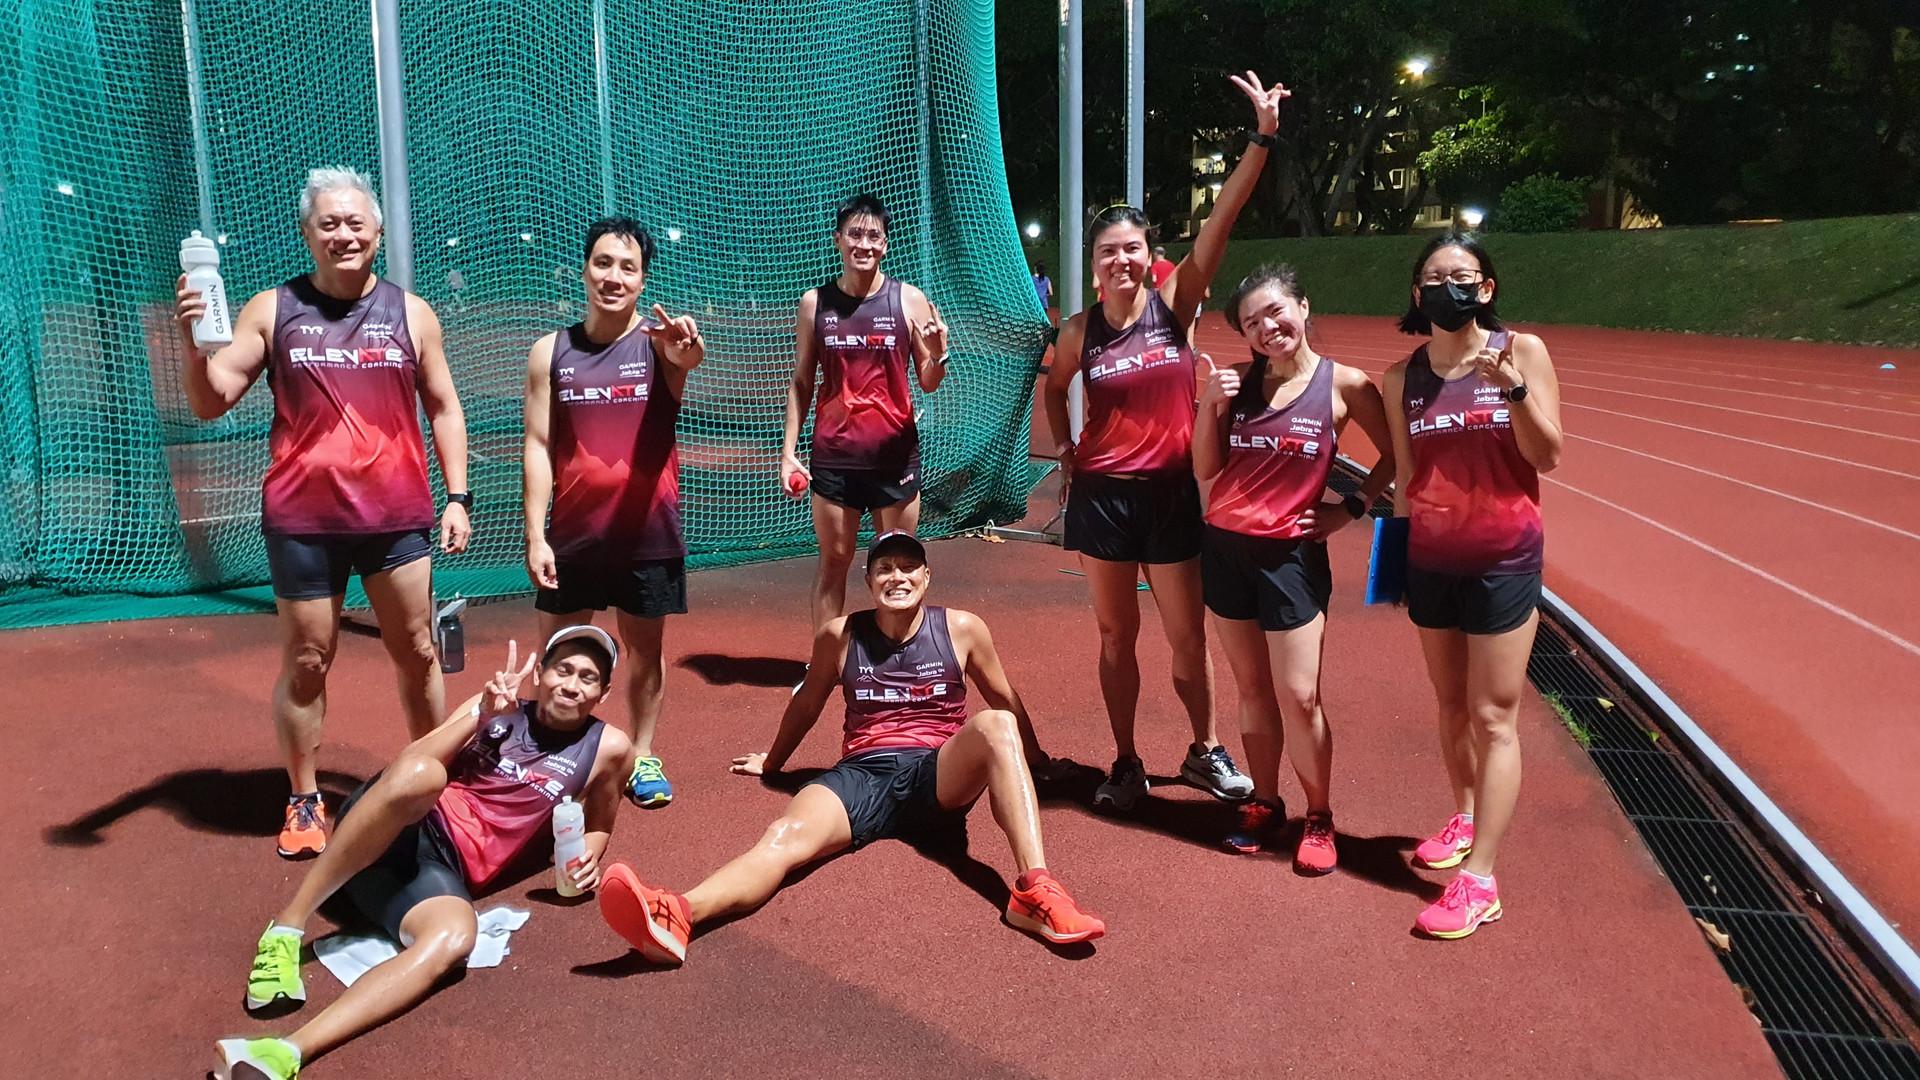 Elevate Track Squad